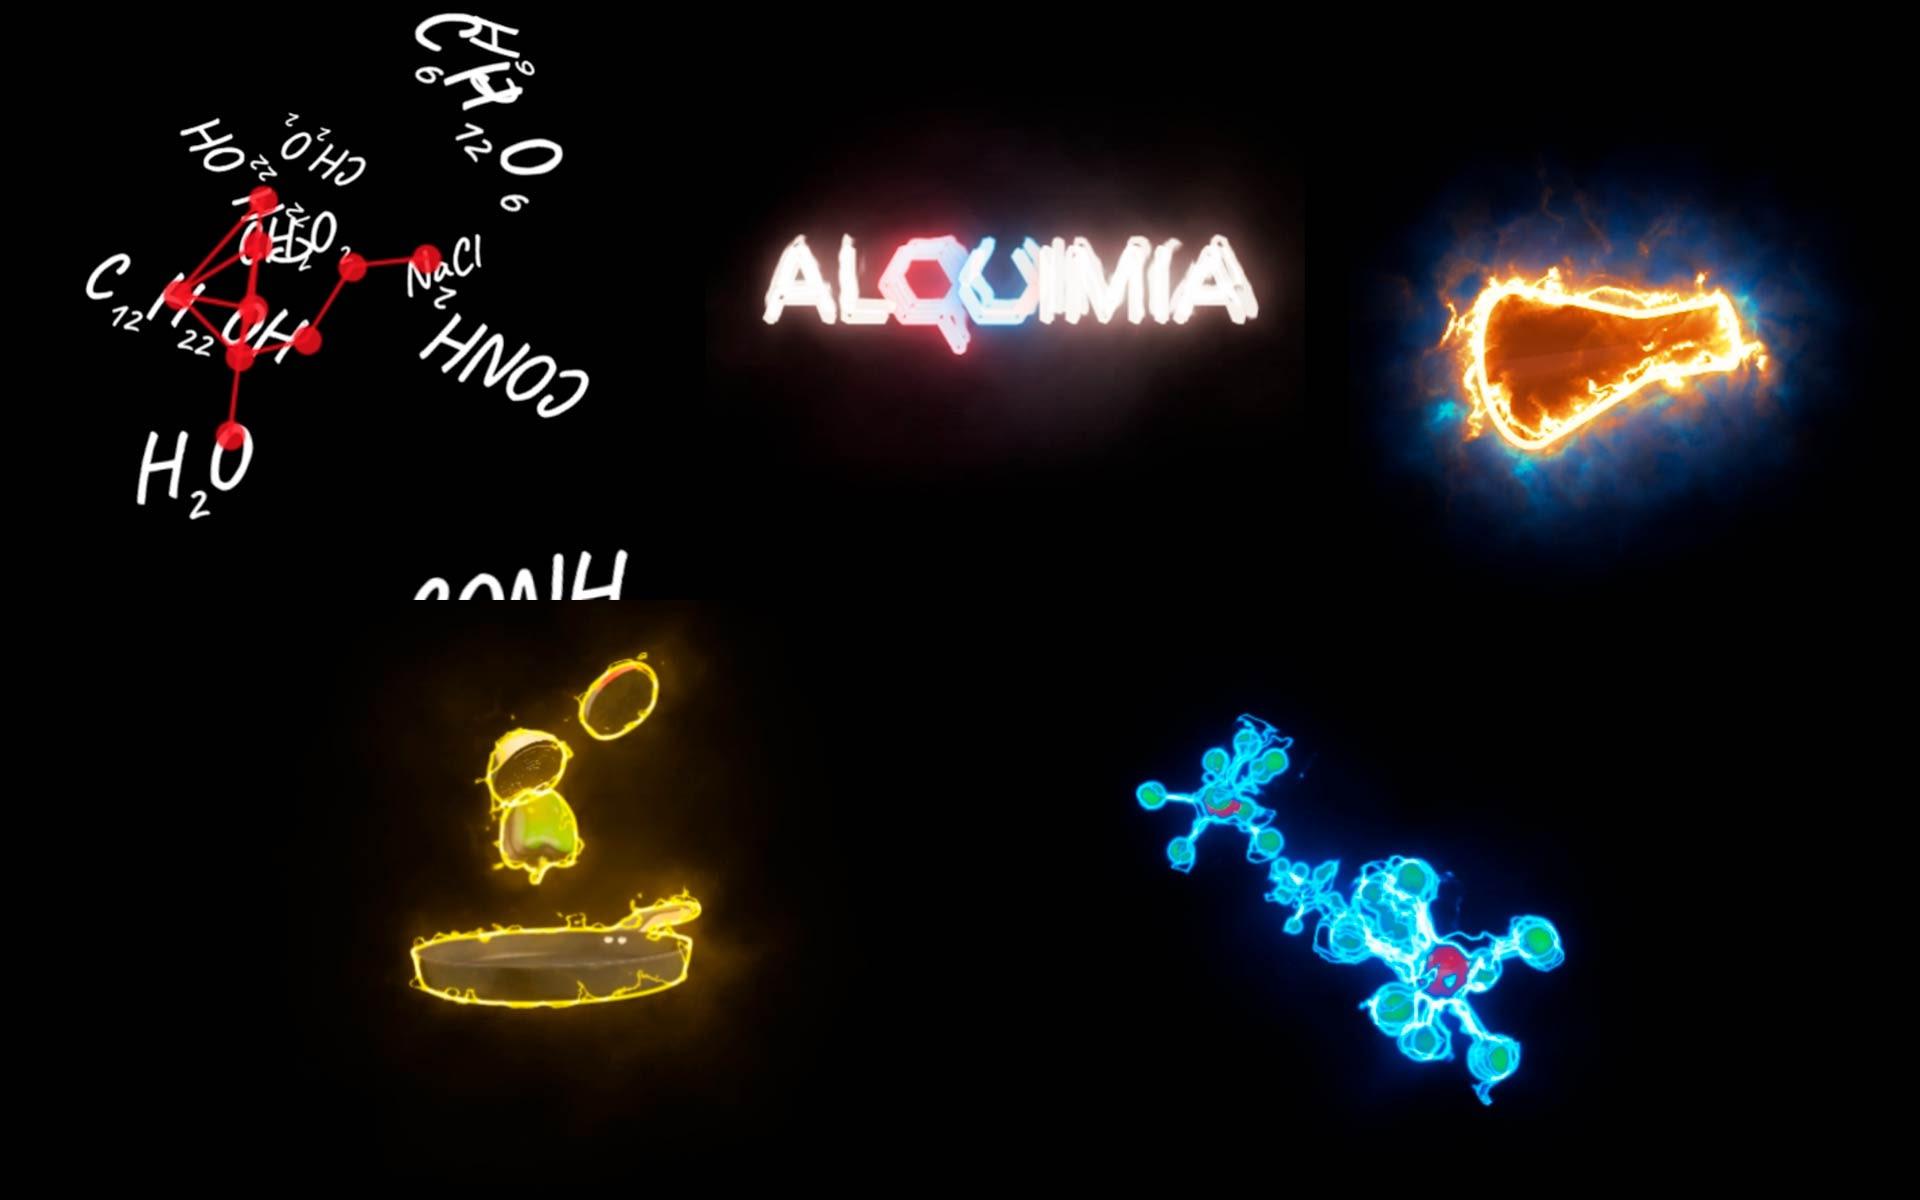 Collage fotogramas - Motion graphics - Proyecciones holográficas Restaurante Alquimia